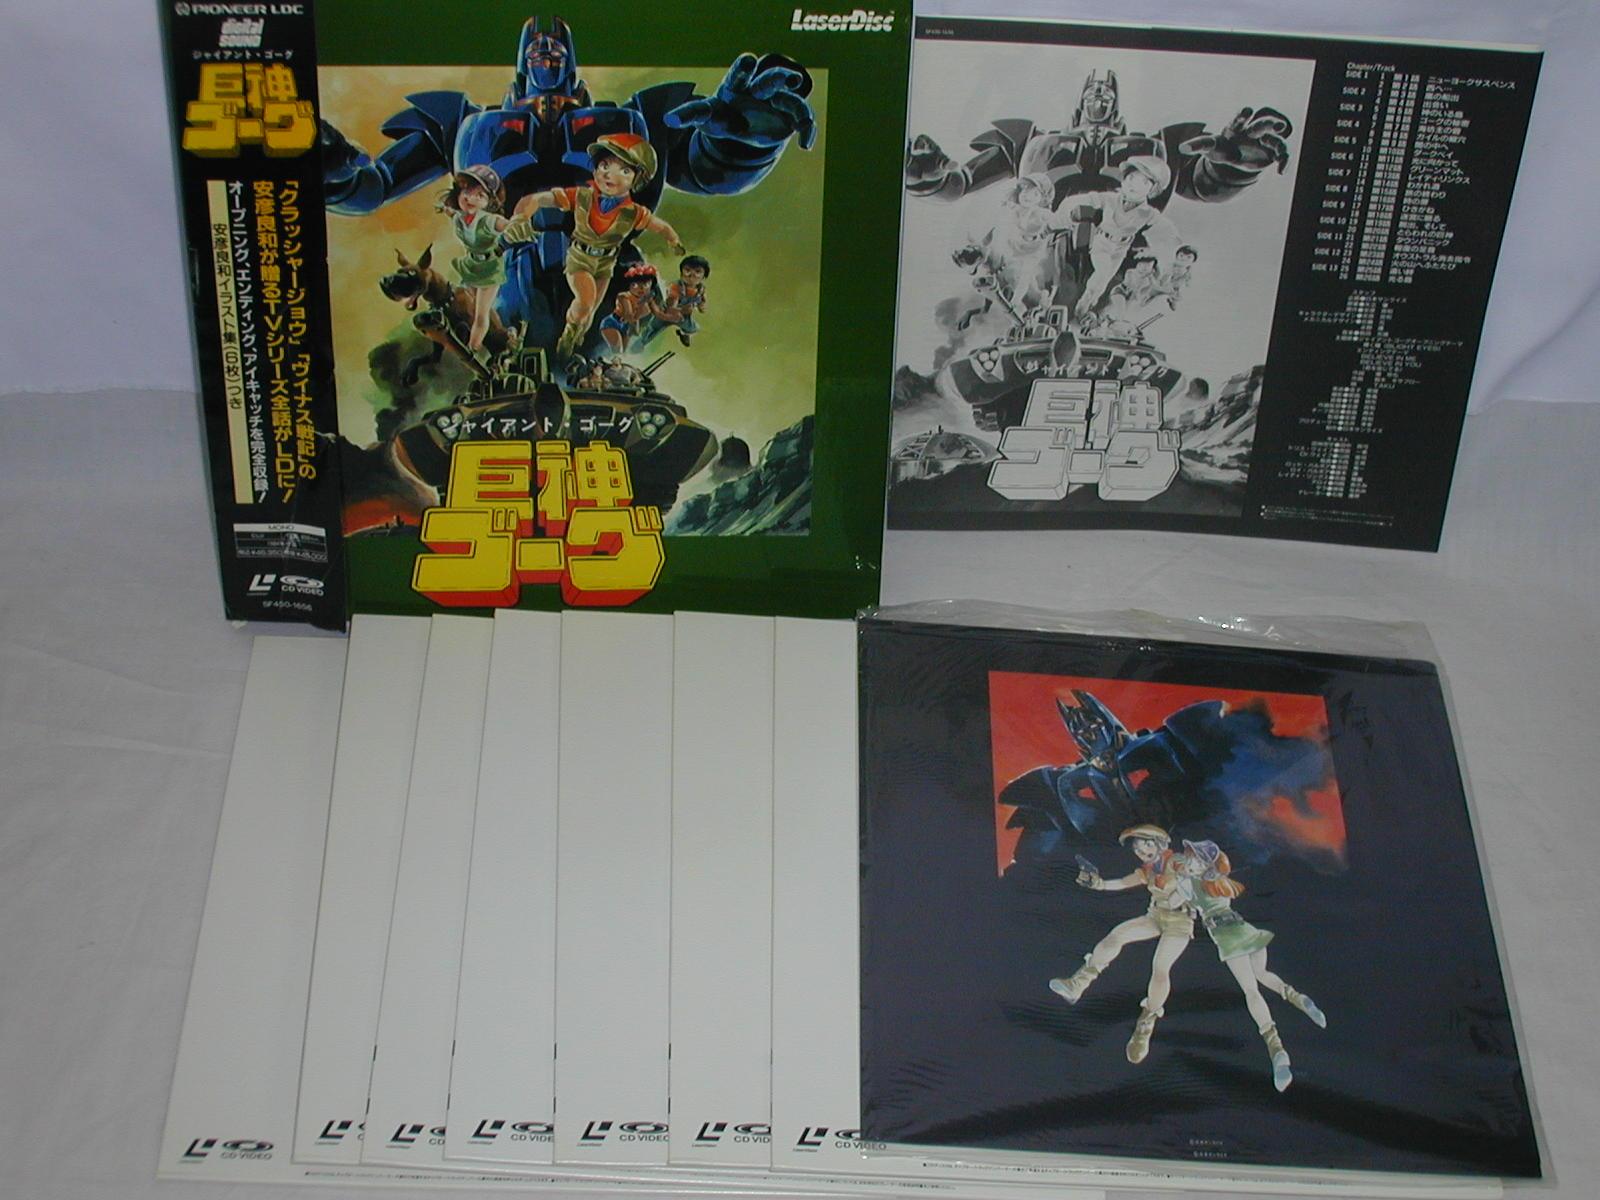 (LD)巨神ゴーグ ジャイアント・ゴーグ TVシリーズ全話BOX